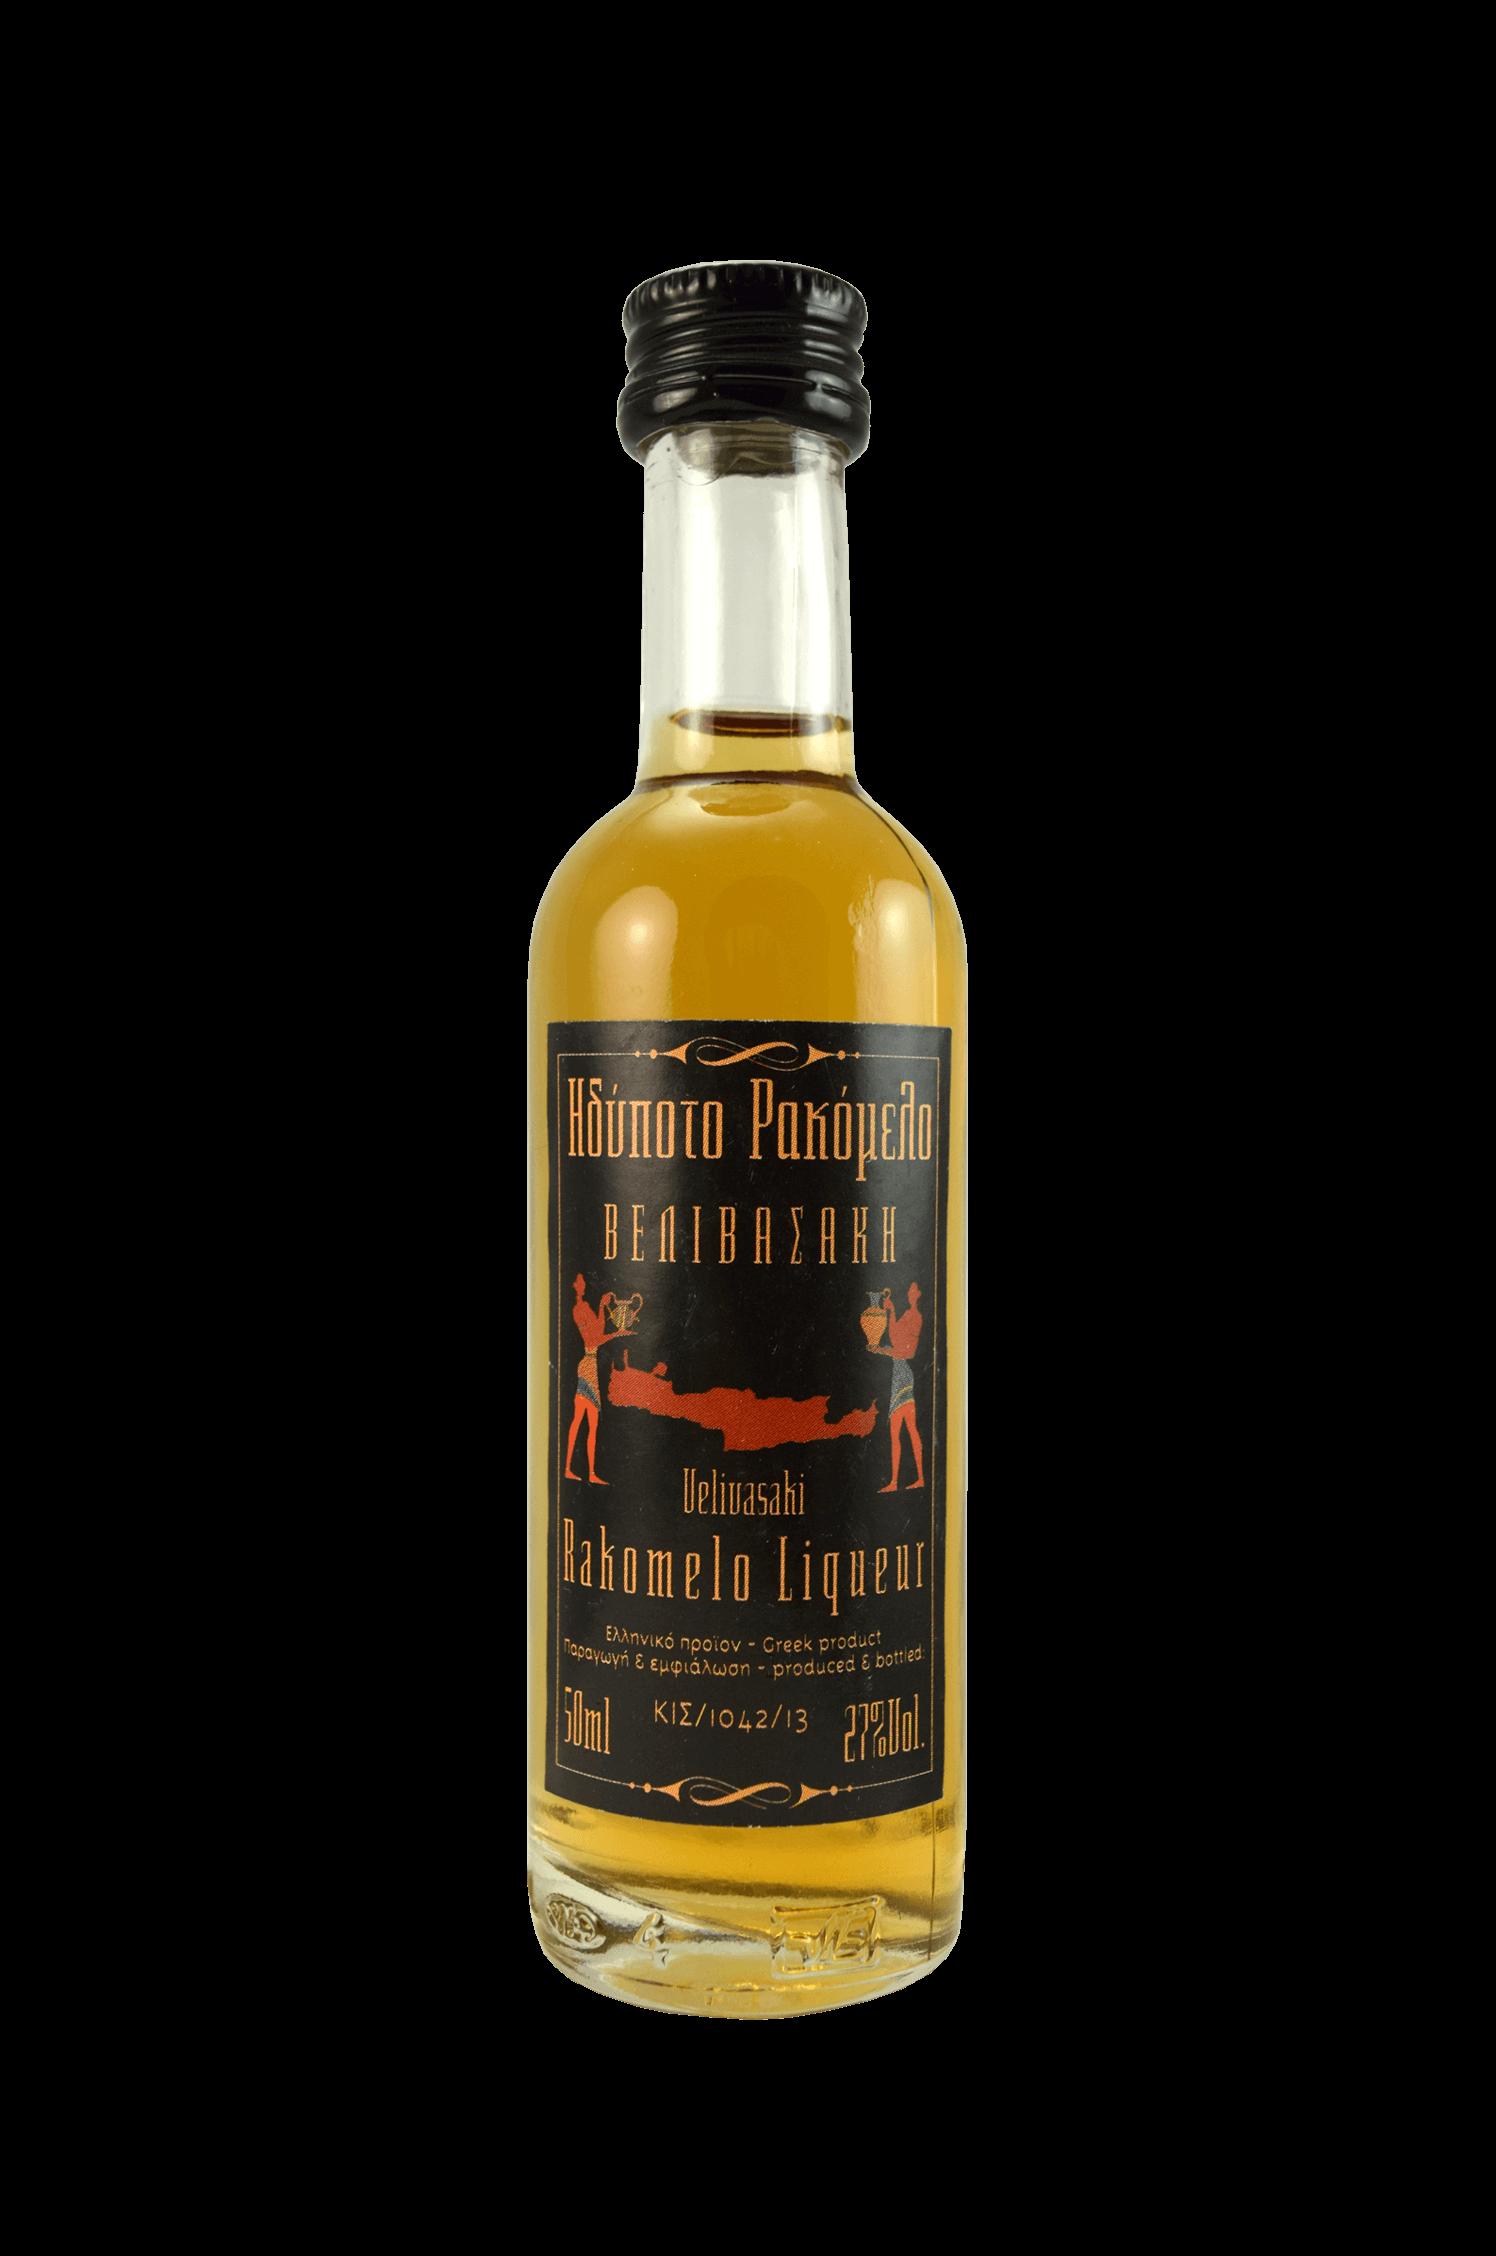 Rakomelo Liqueur